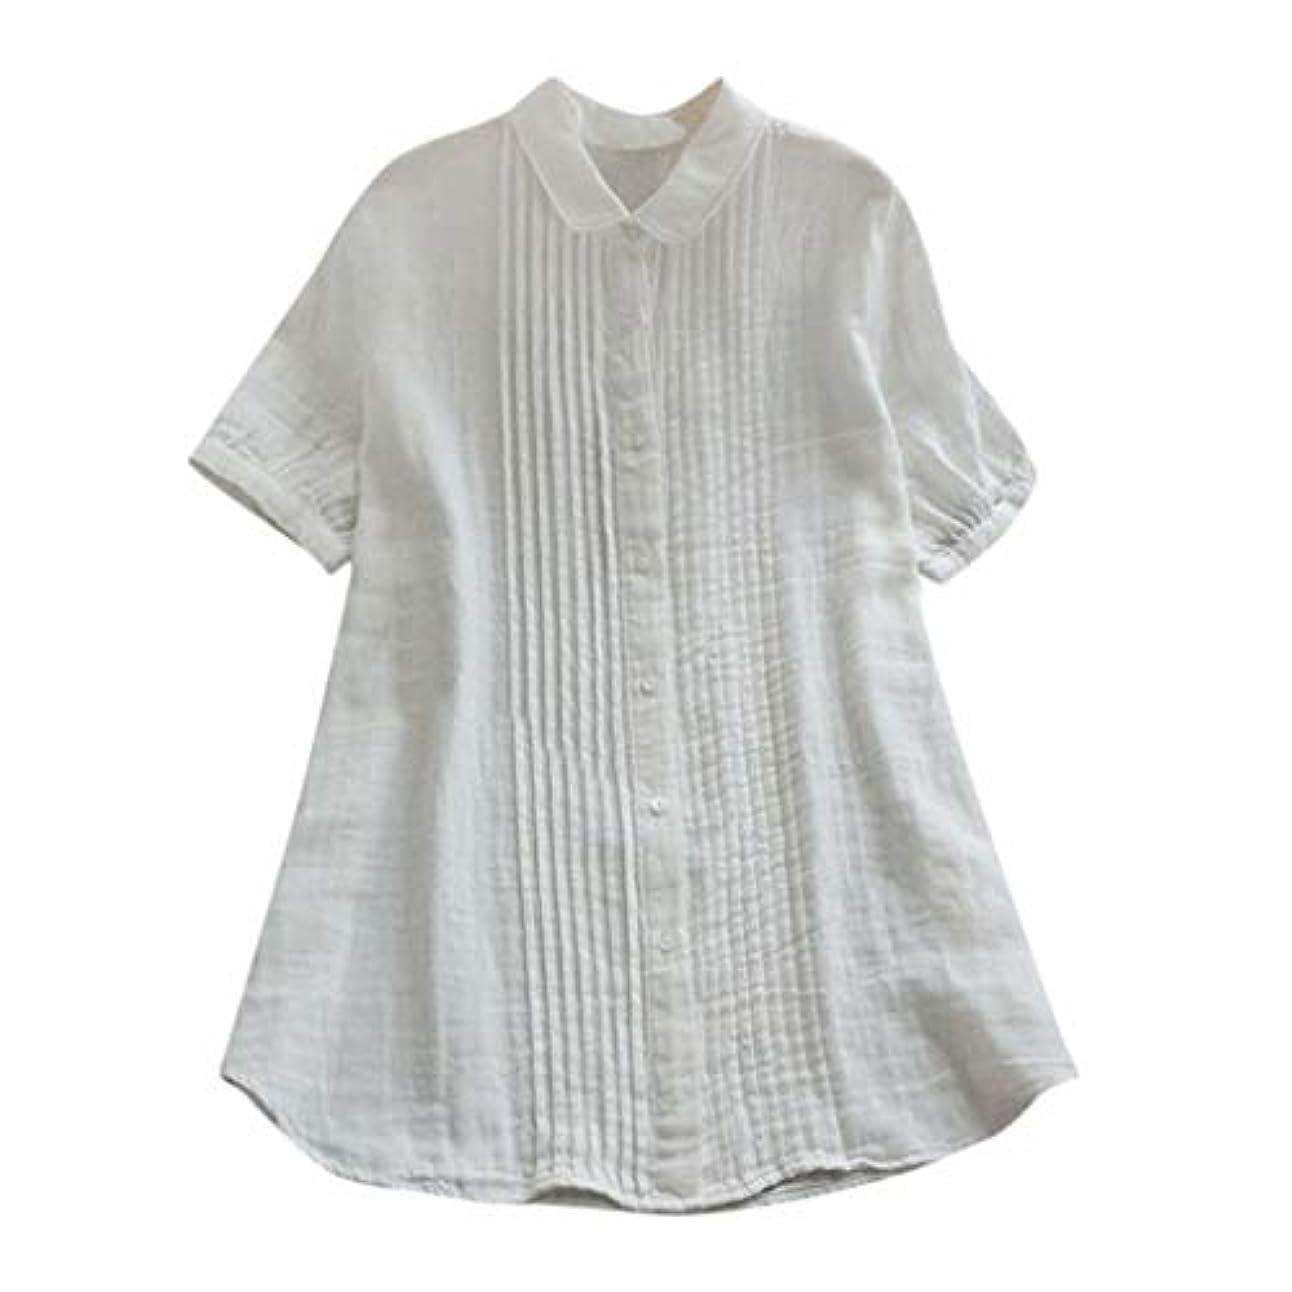 肉のポットちっちゃい女性の半袖Tシャツ - ピーターパンカラー夏緩い無地カジュアルダウントップスブラウス (白, S)